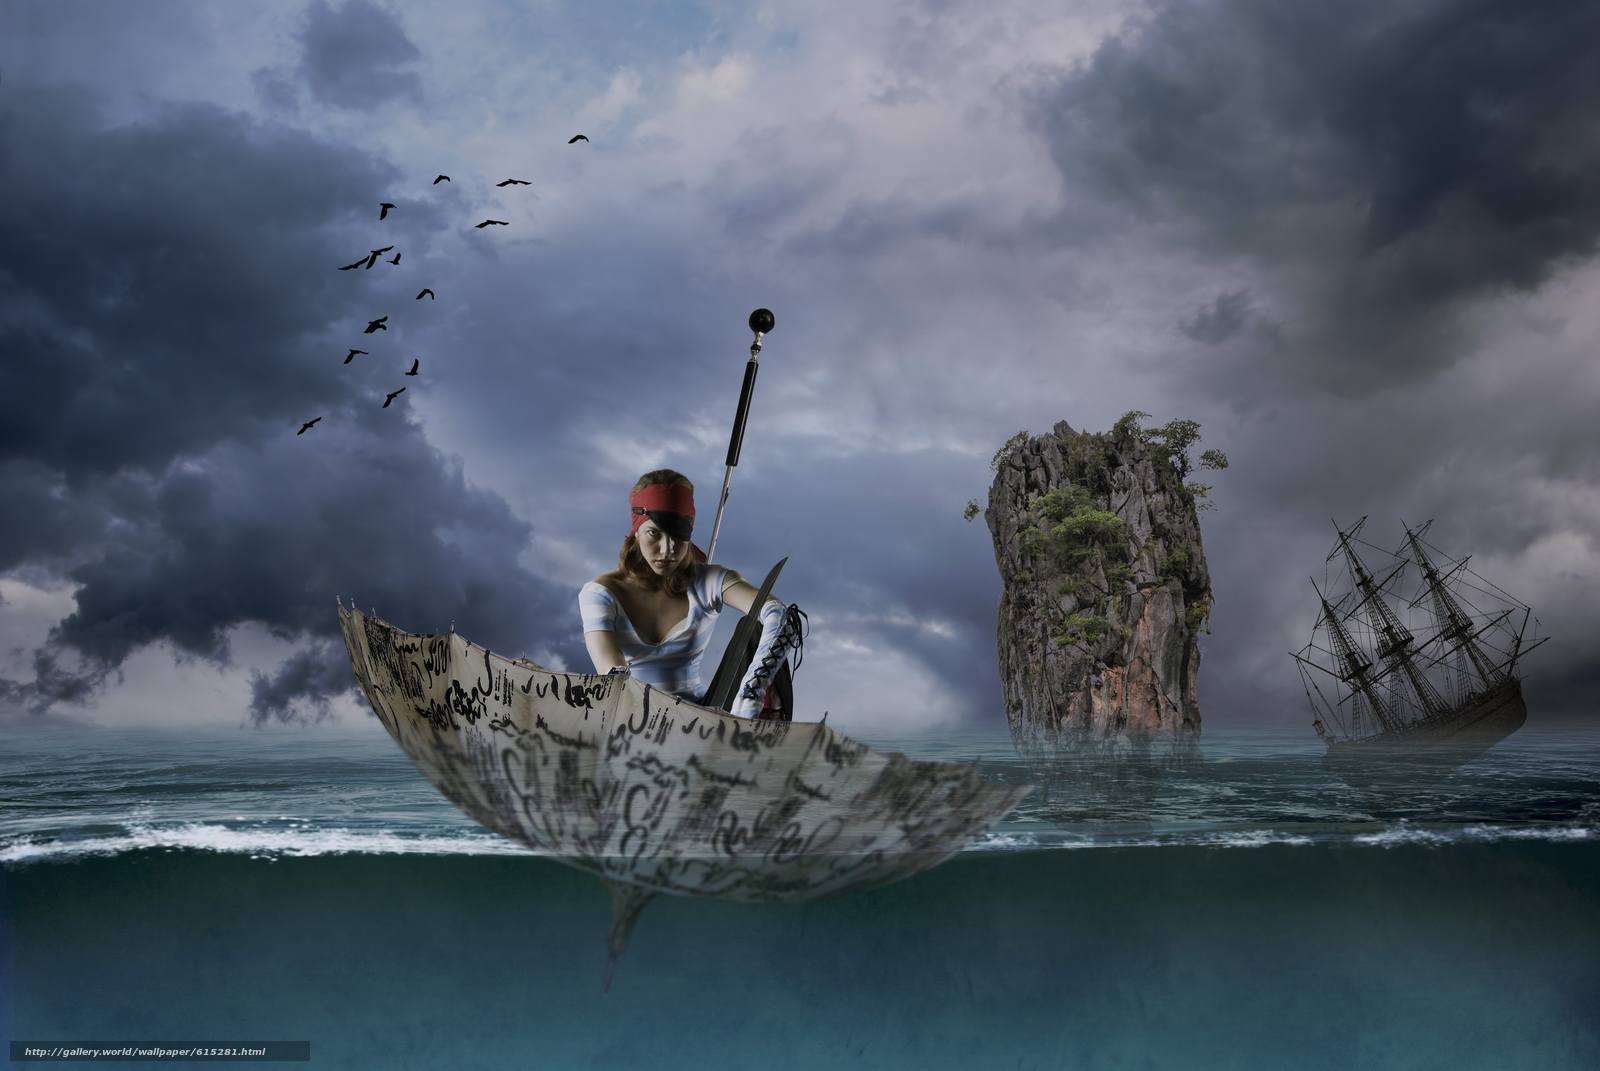 pobra tapety dziewczyna,  pirat,  parasol,  parasol Darmowe tapety na pulpit rozdzielczoci 3872x2592 — zdjcie №615281